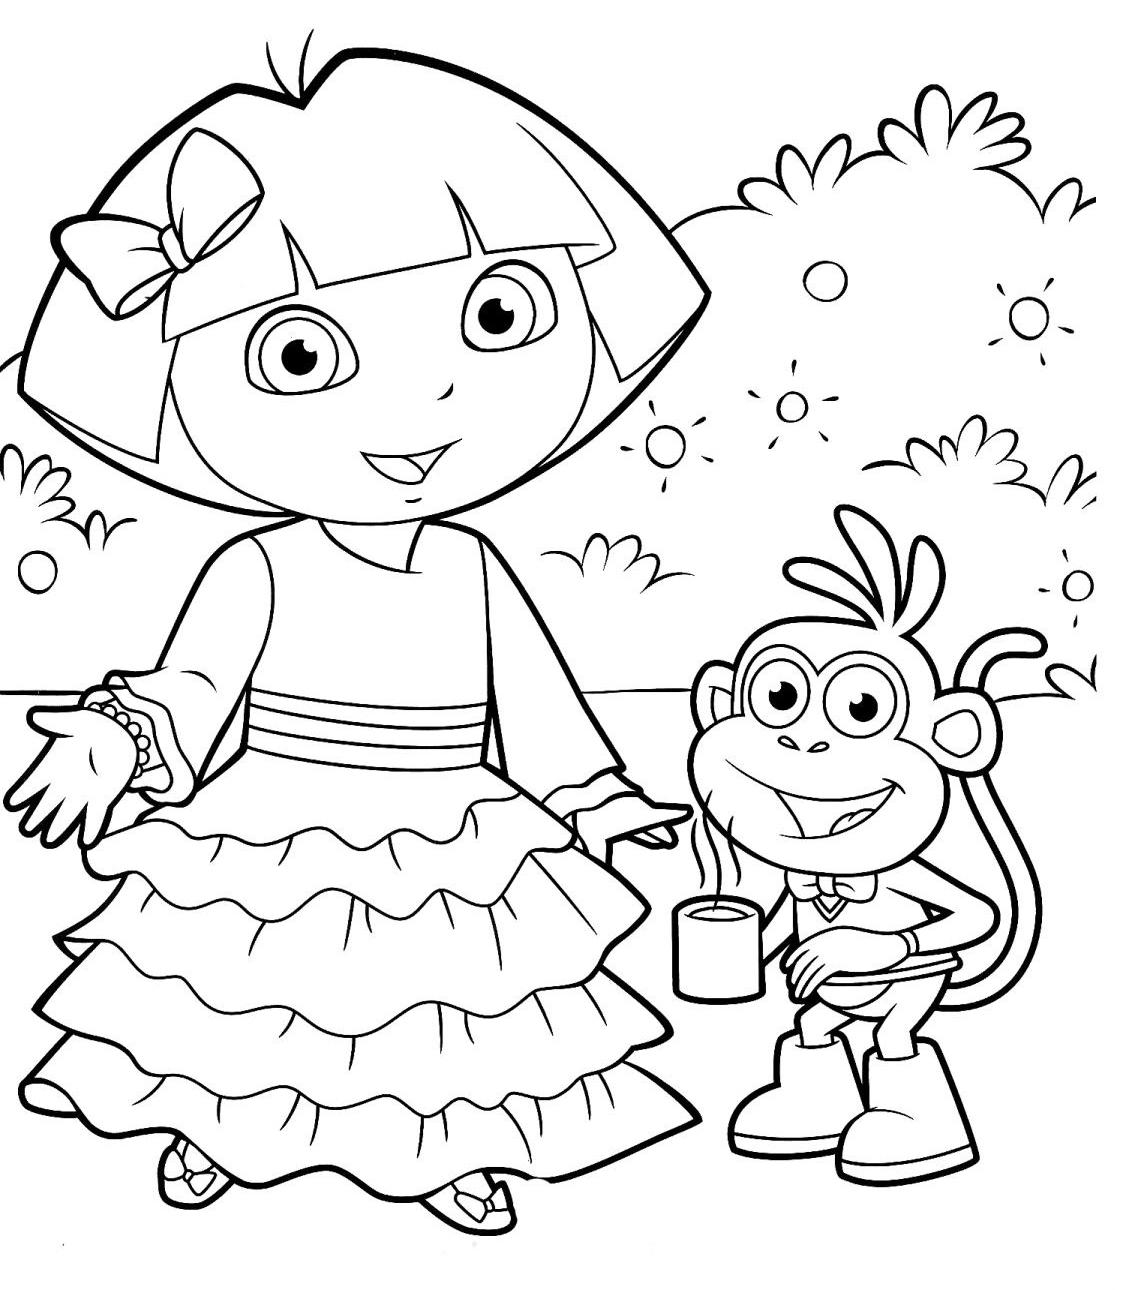 Dibujos de Estrellas - quierodibujos.com